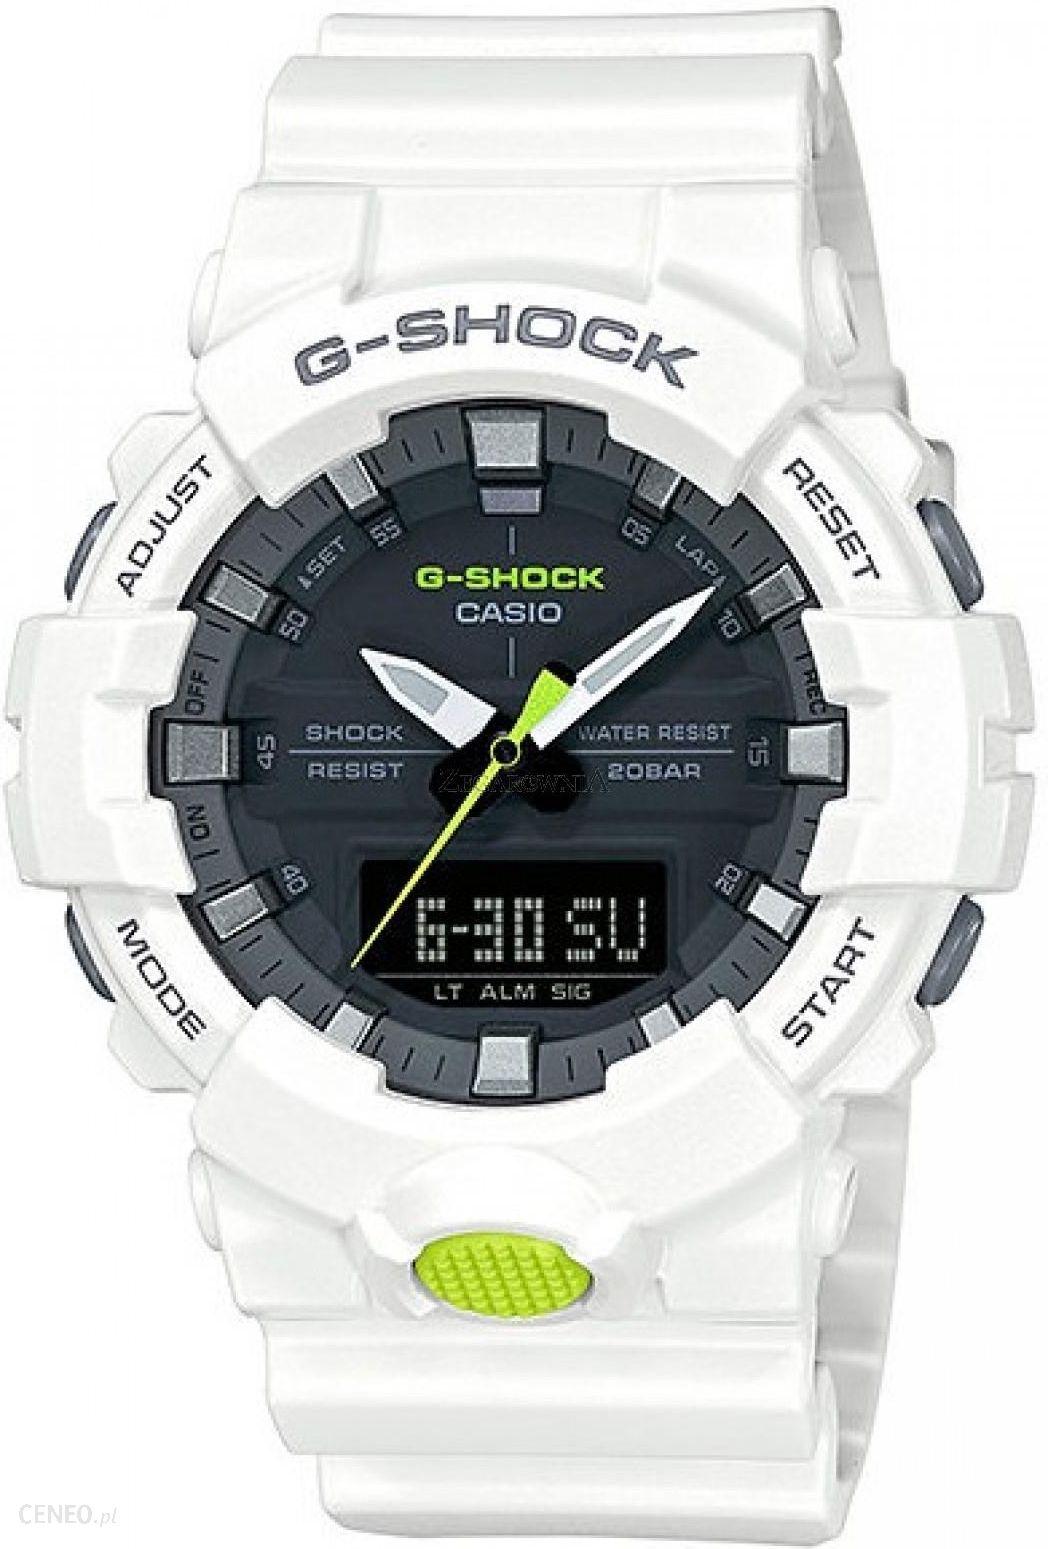 84b40ccf3eed Casio G-Shock GA-800SC-7A - Zegarki Męskie - Ceny i opinie - Ceneo.pl